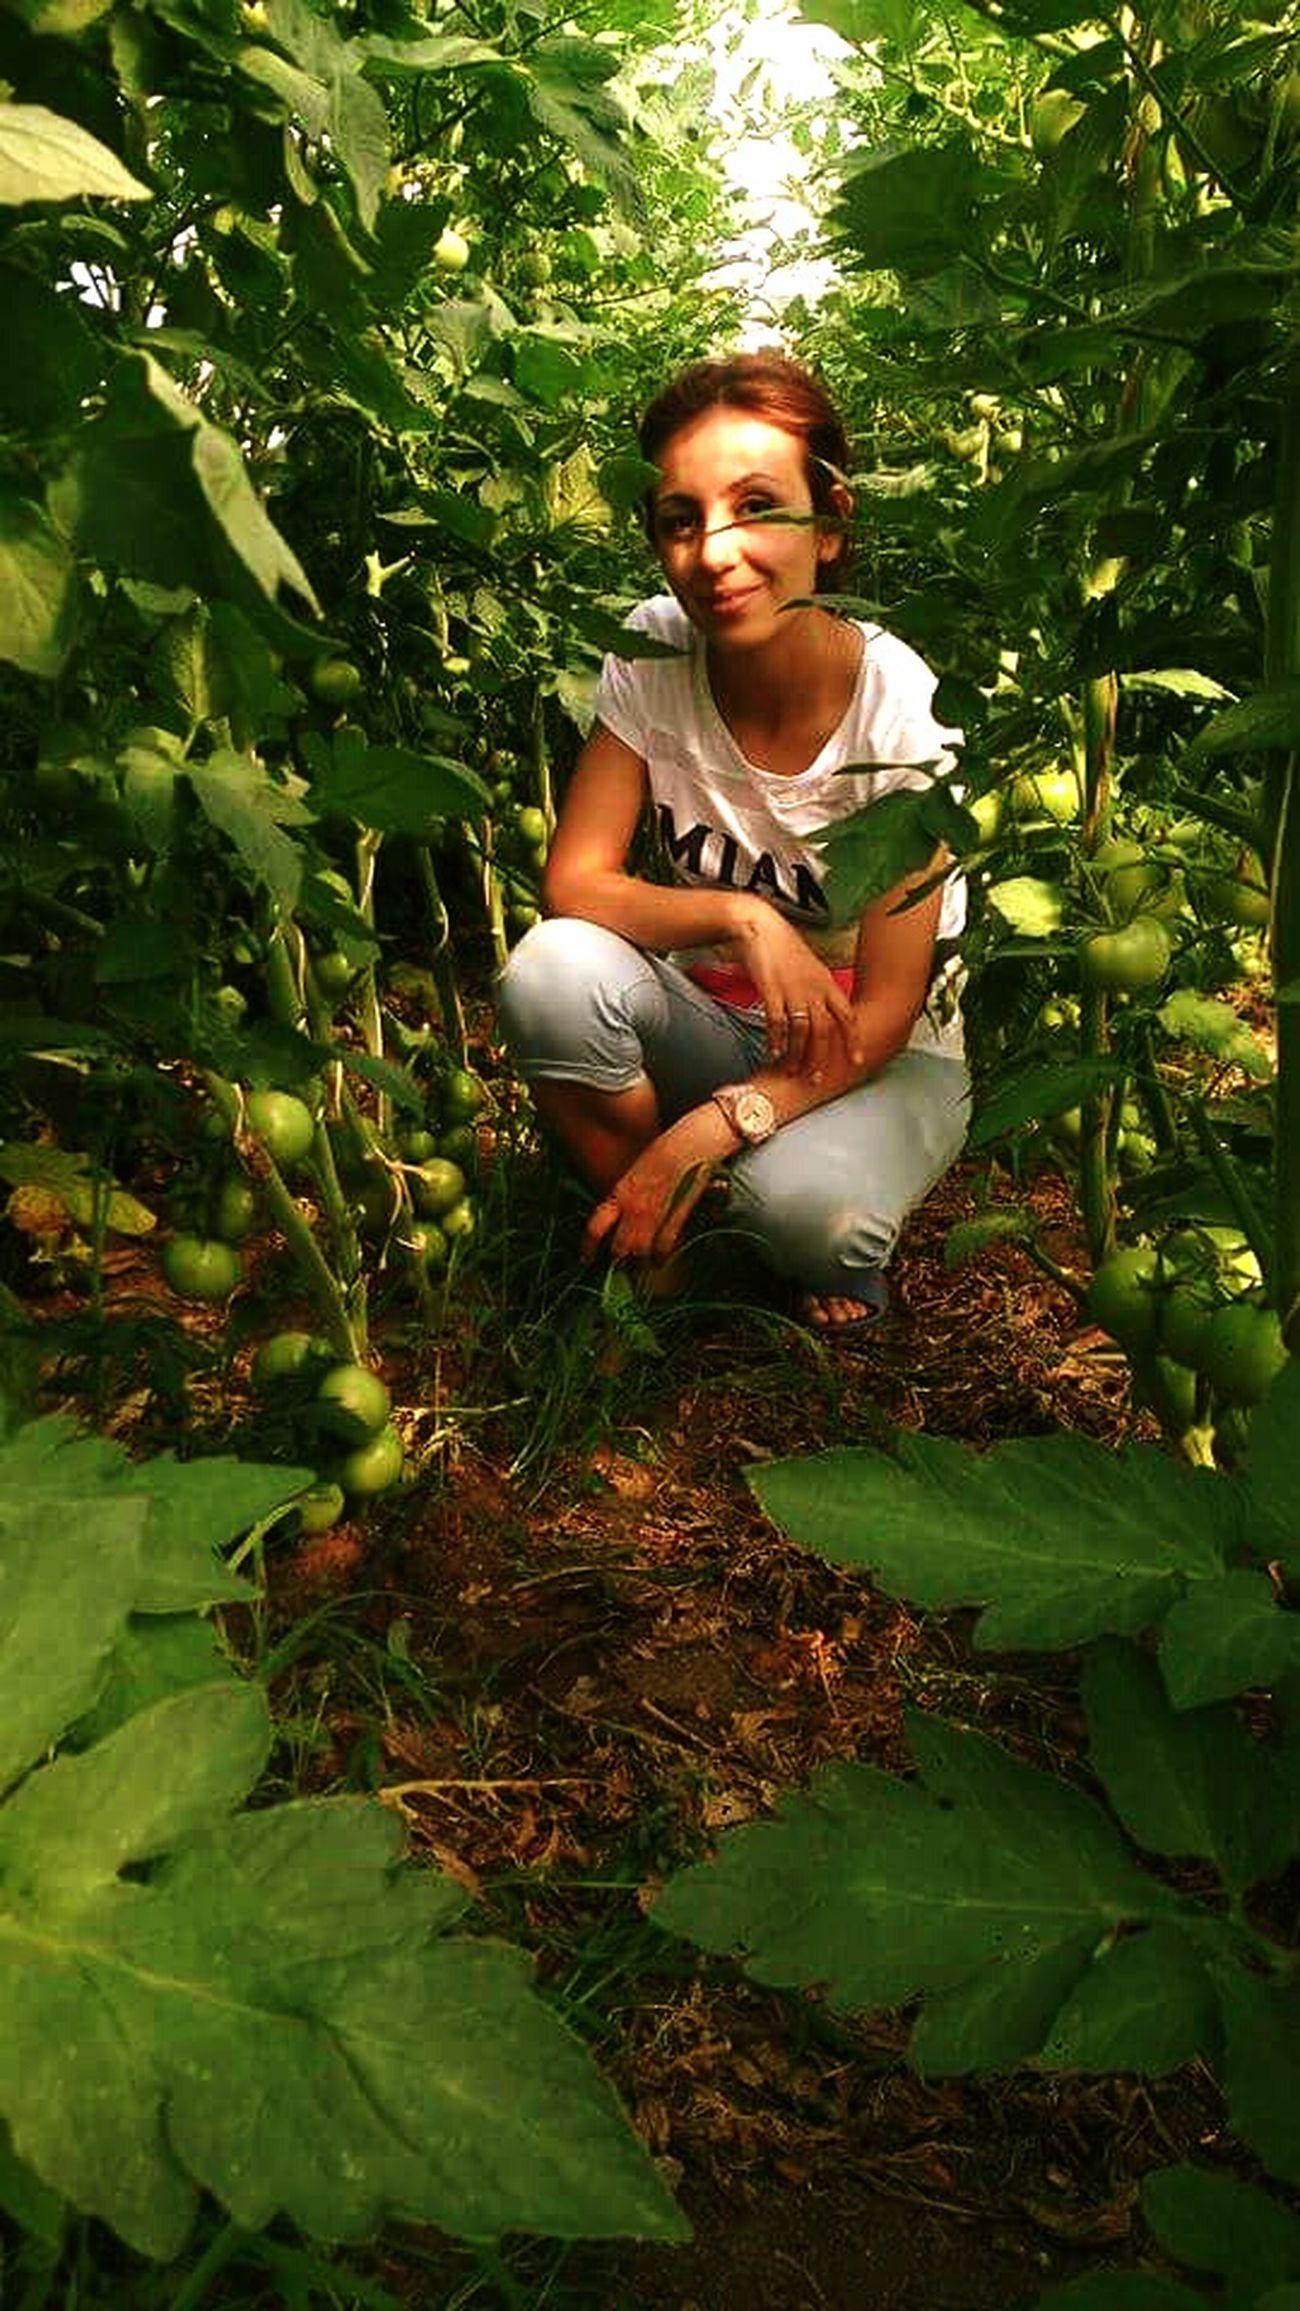 Dalından sebze toplamak çok baska mis gbi toprak kokusu çek çek içine doyamazsin 😃